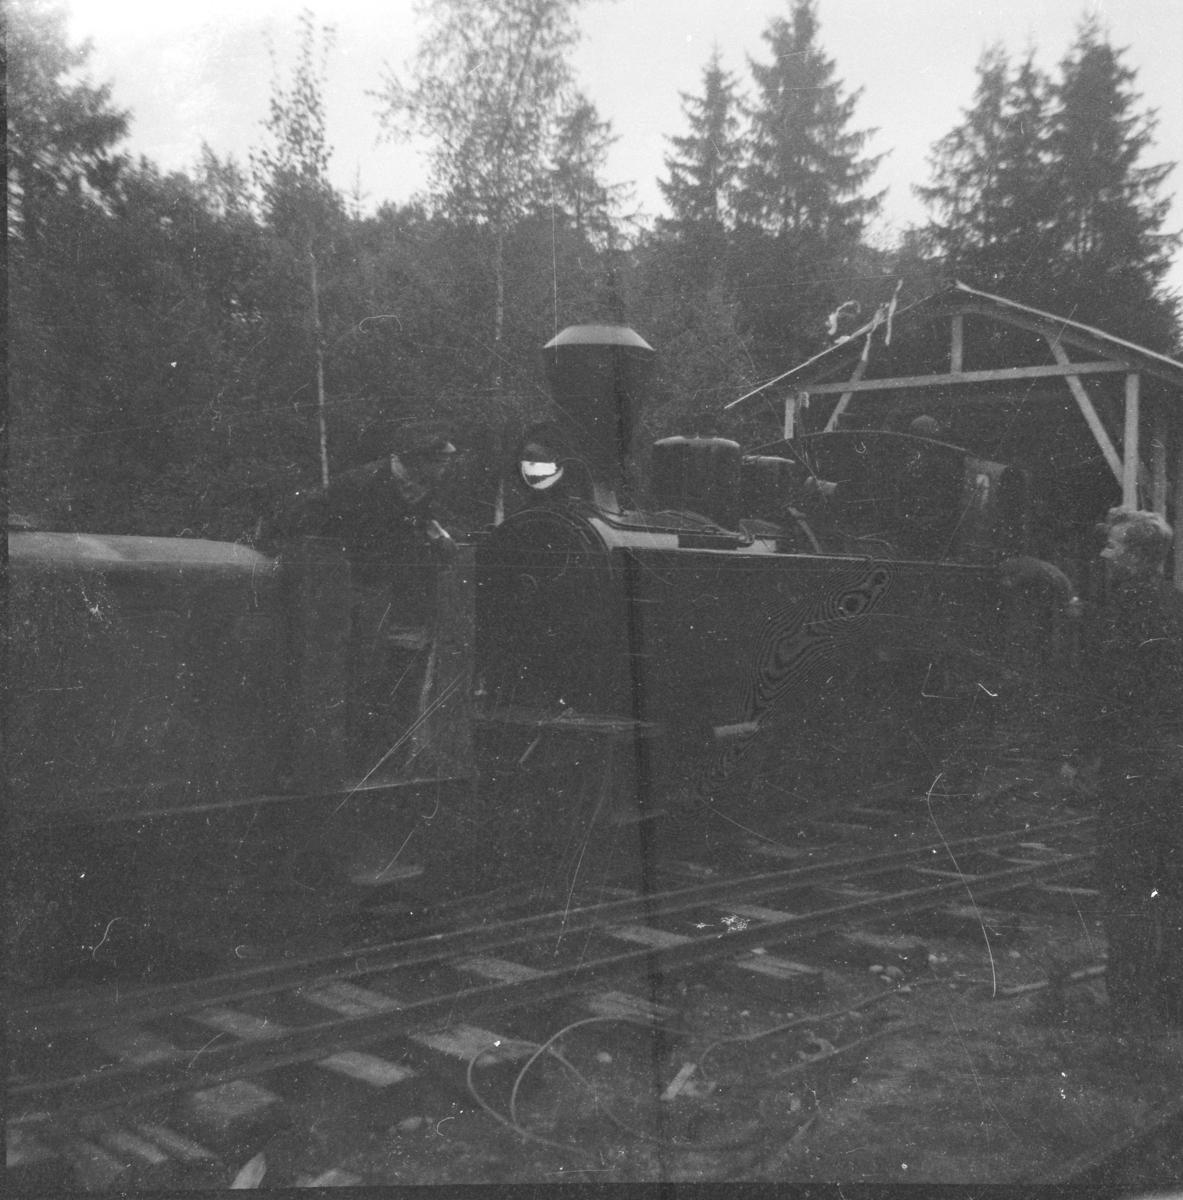 Lok 6 Høland skyves for første gang inn i museumsbanens nybygde lokomotivstall på Bingsfoss